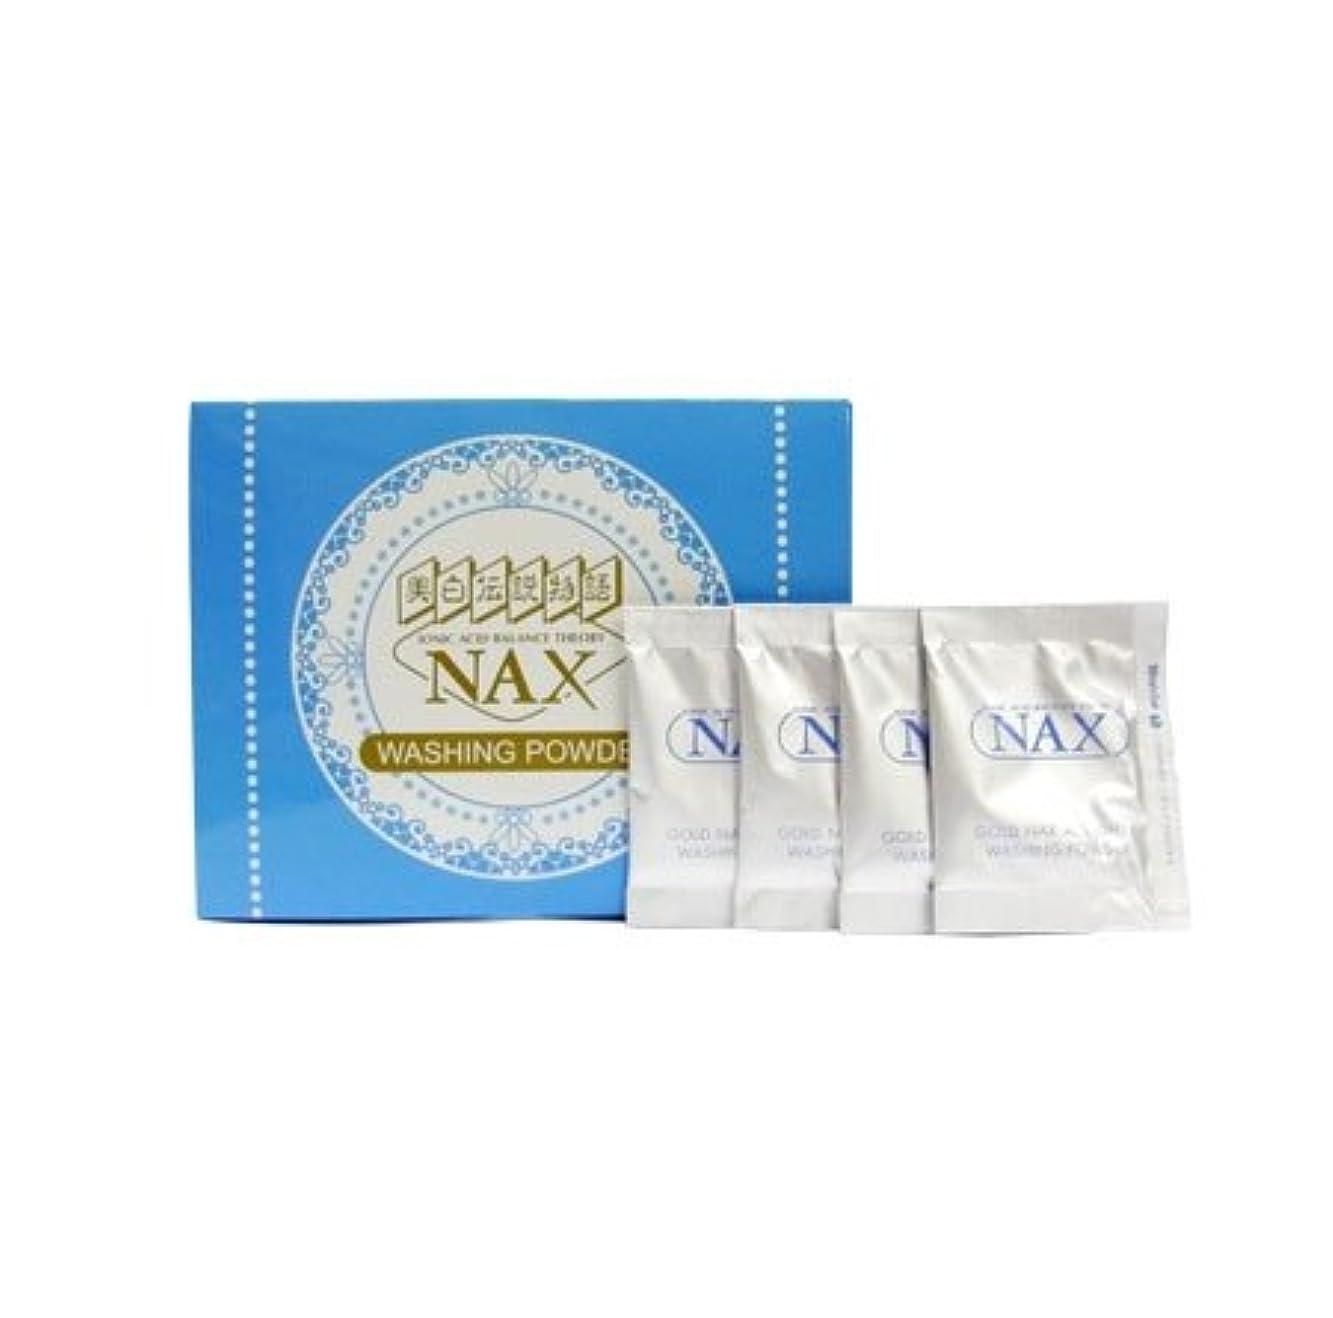 オリエント土砂降り若い洗顔パウダー ウォッシングパウダー 洗顔 弱酸性 酵素洗顔料 敏感肌対応 (2箱)